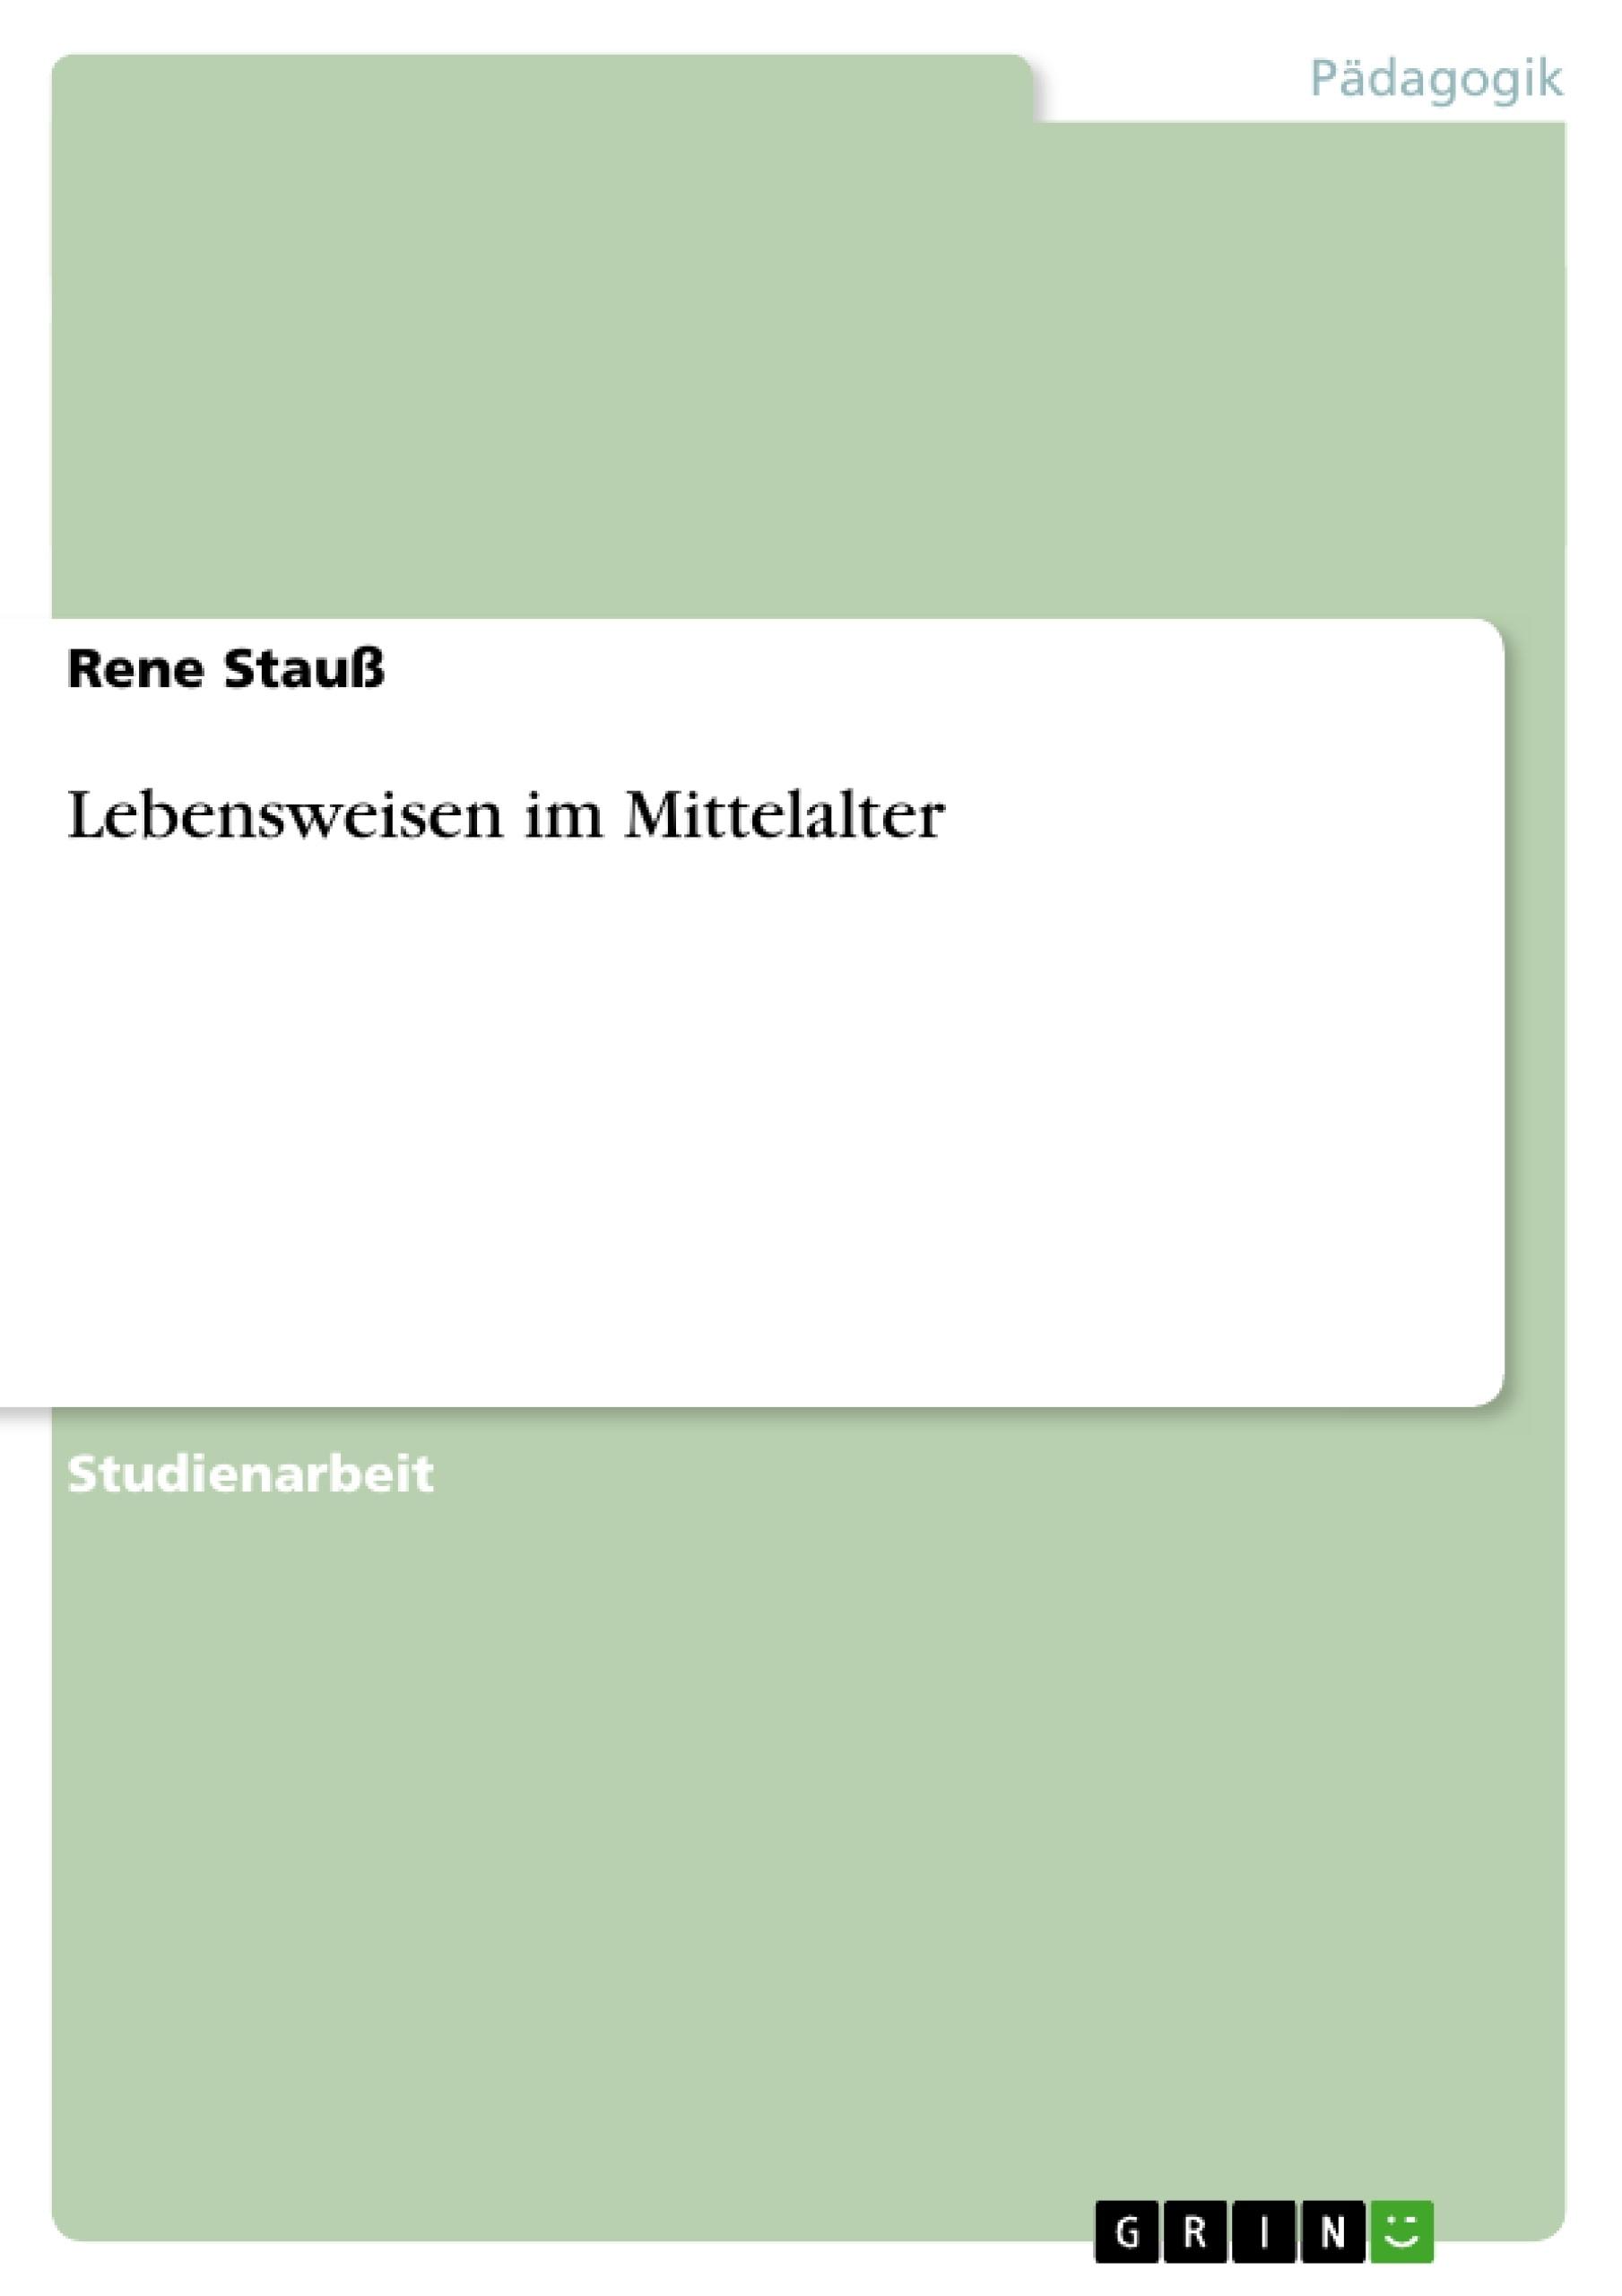 Titel: Lebensweisen im Mittelalter